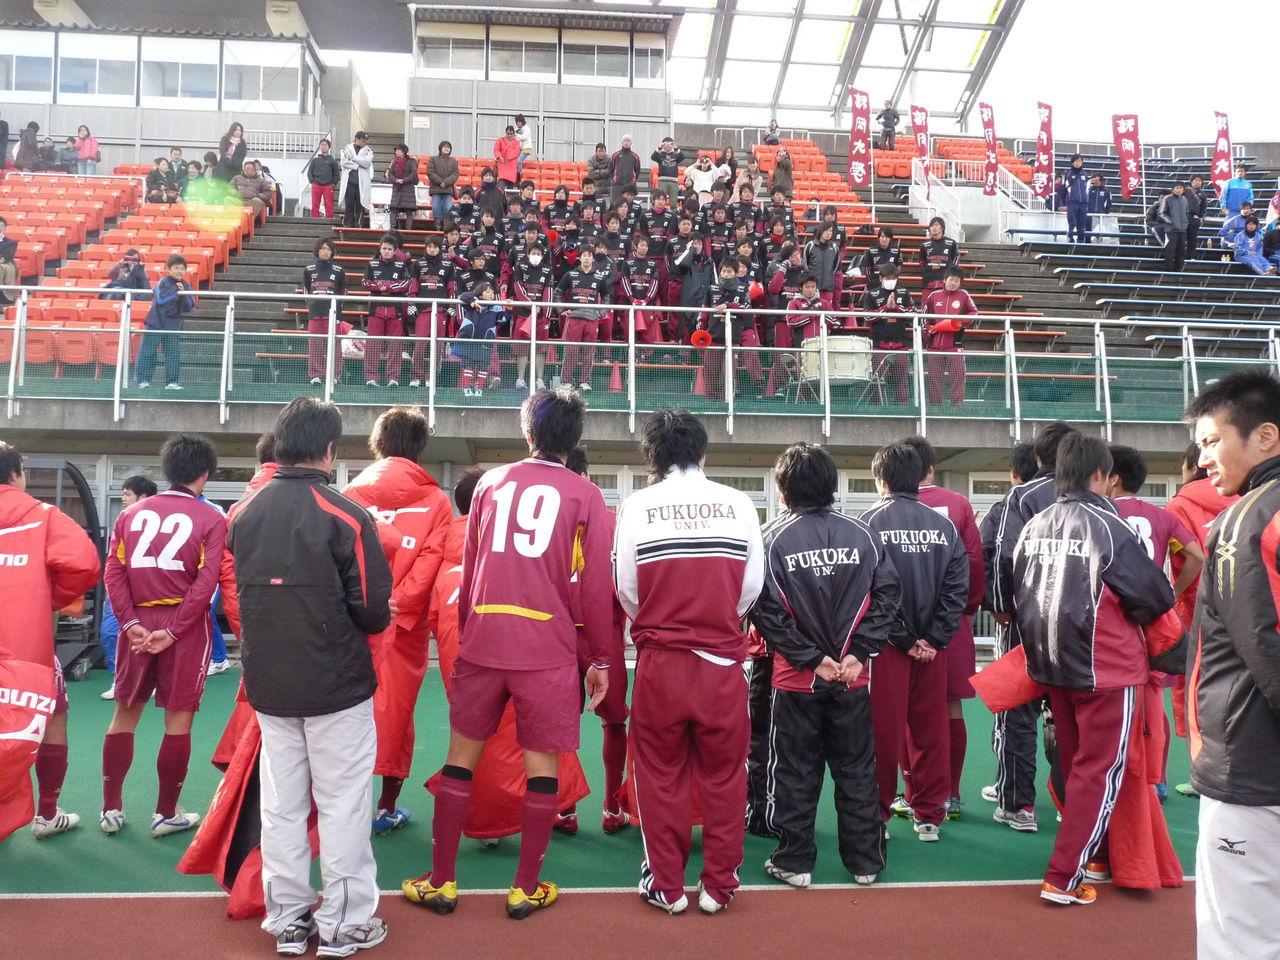 福岡大学サッカー部 スタッフ部屋                スタッフ